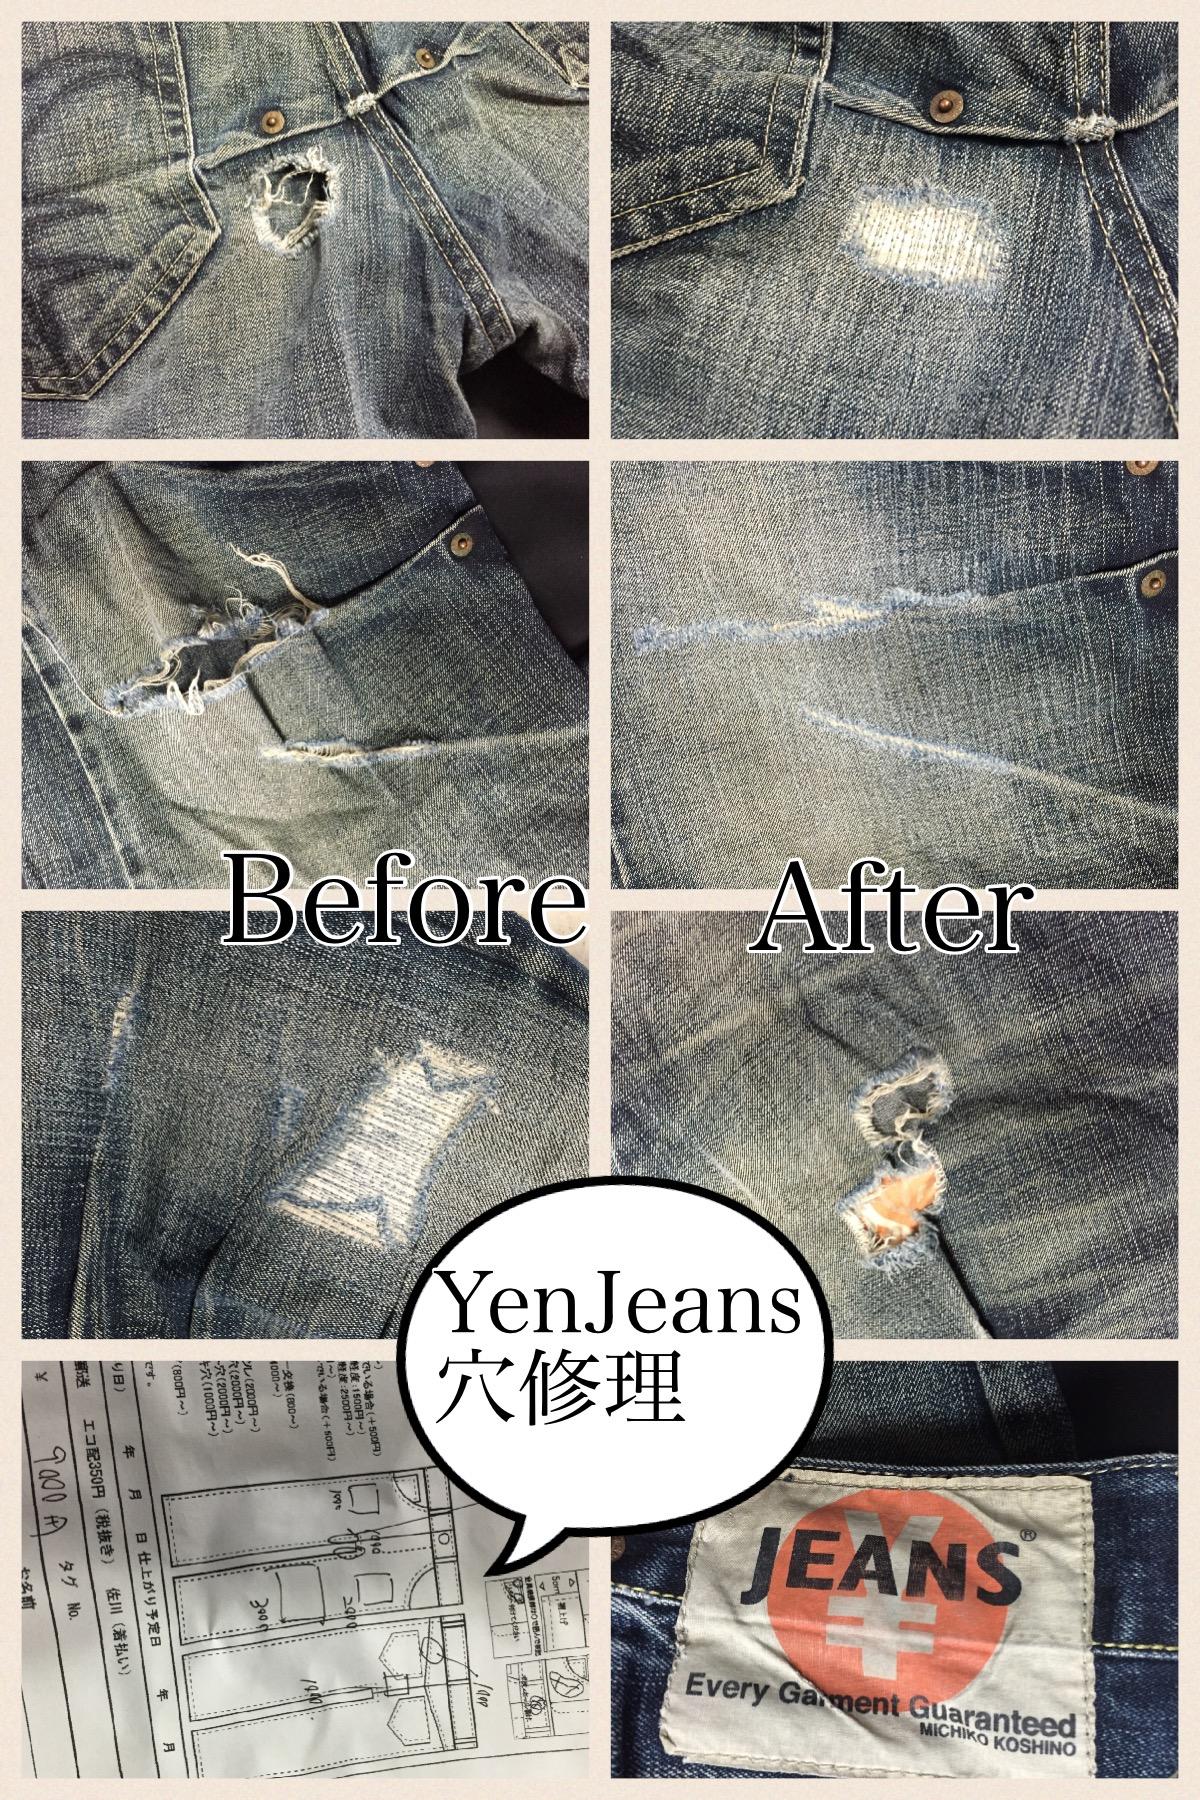 Yenジーンズ穴修理